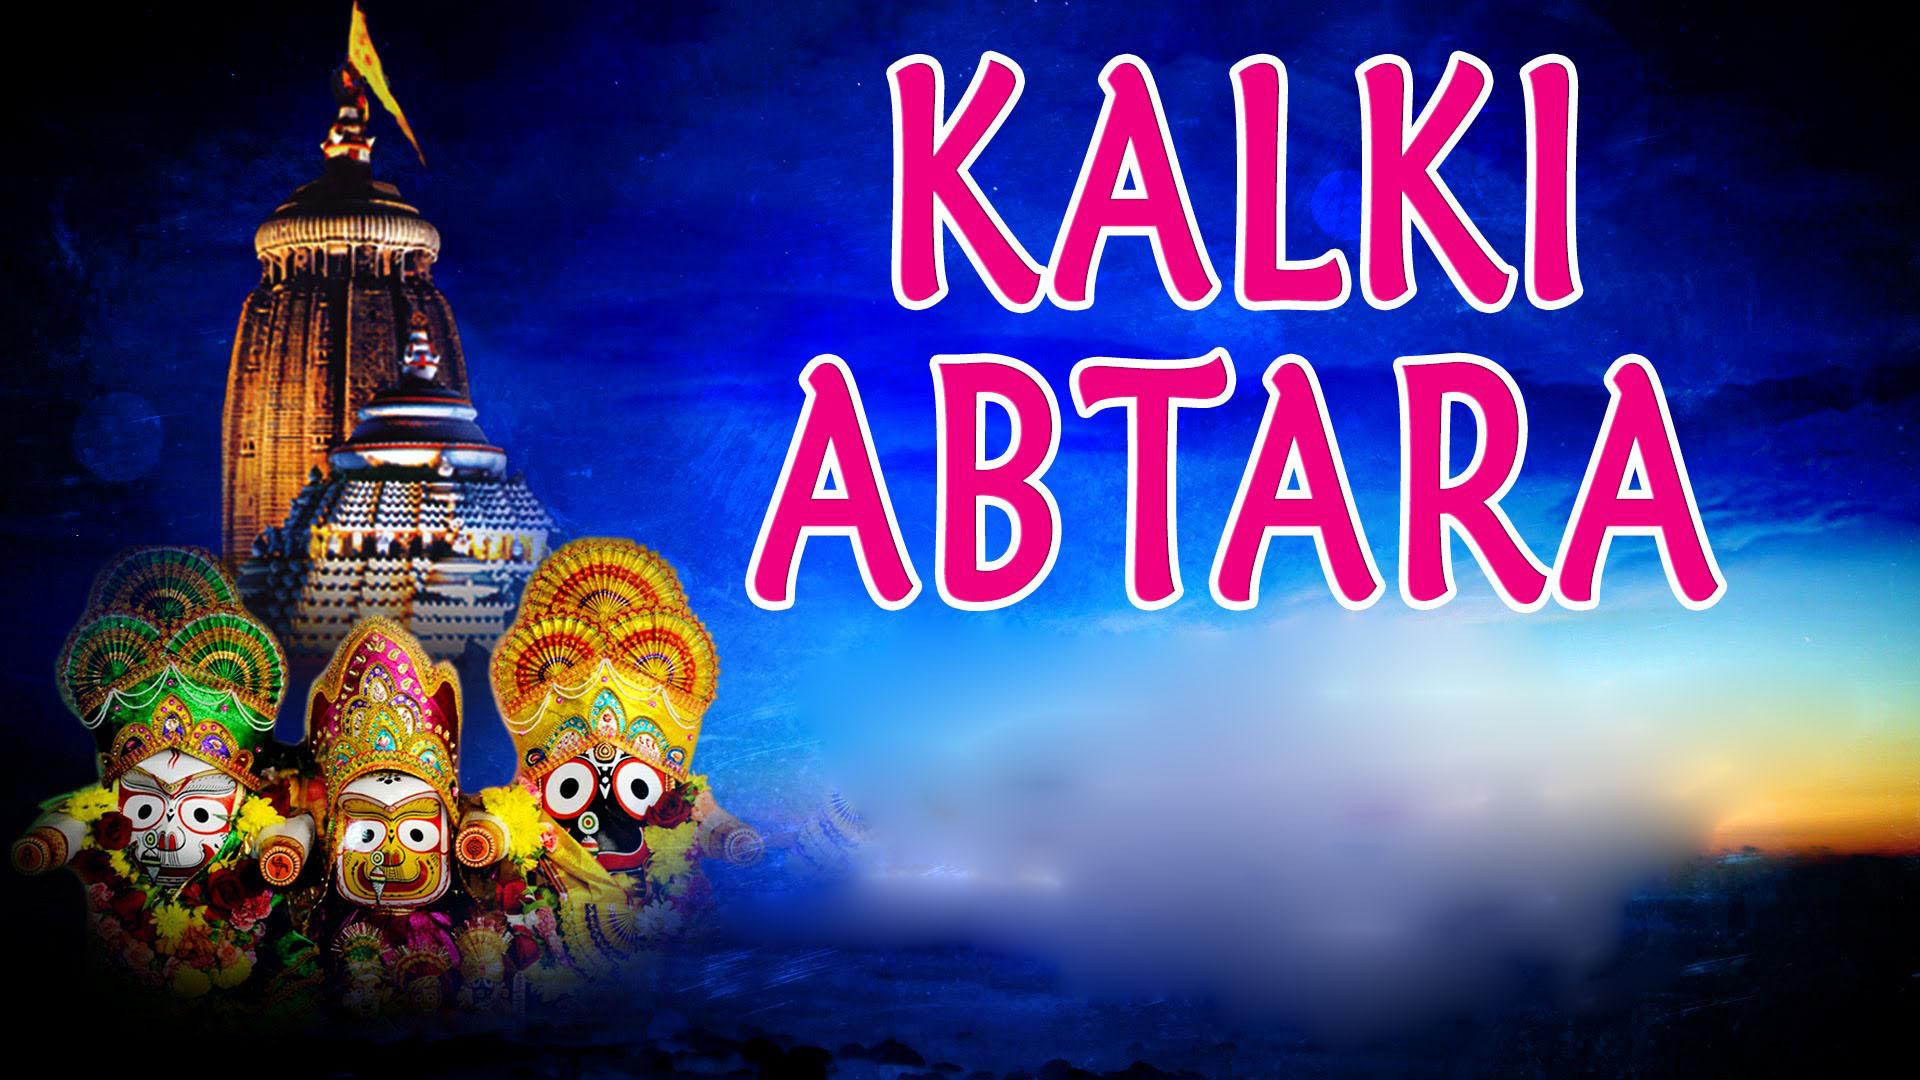 Kalki Avatar Full Hd Images